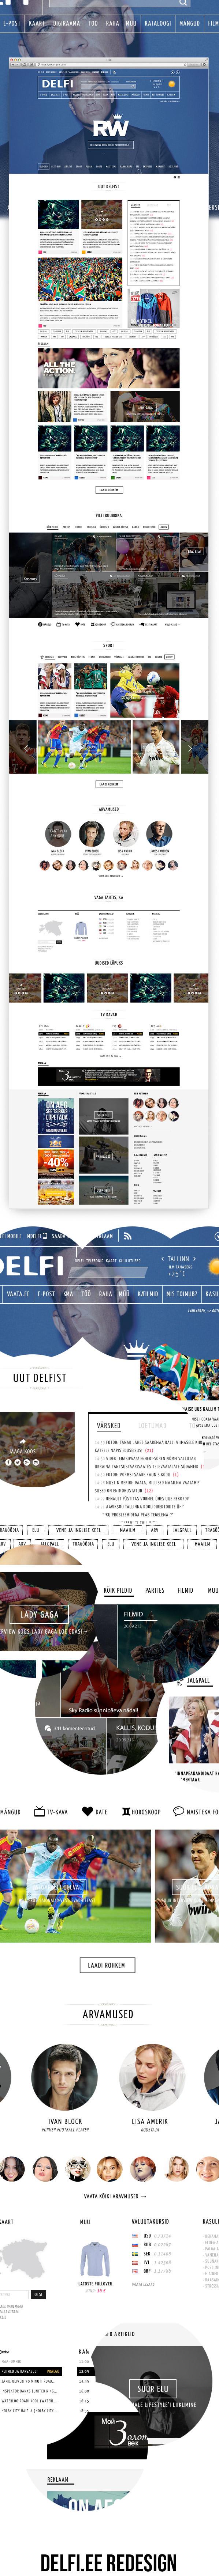 Delfi News Portal Redesign by VITALI ZAKHAROFF, via Behance